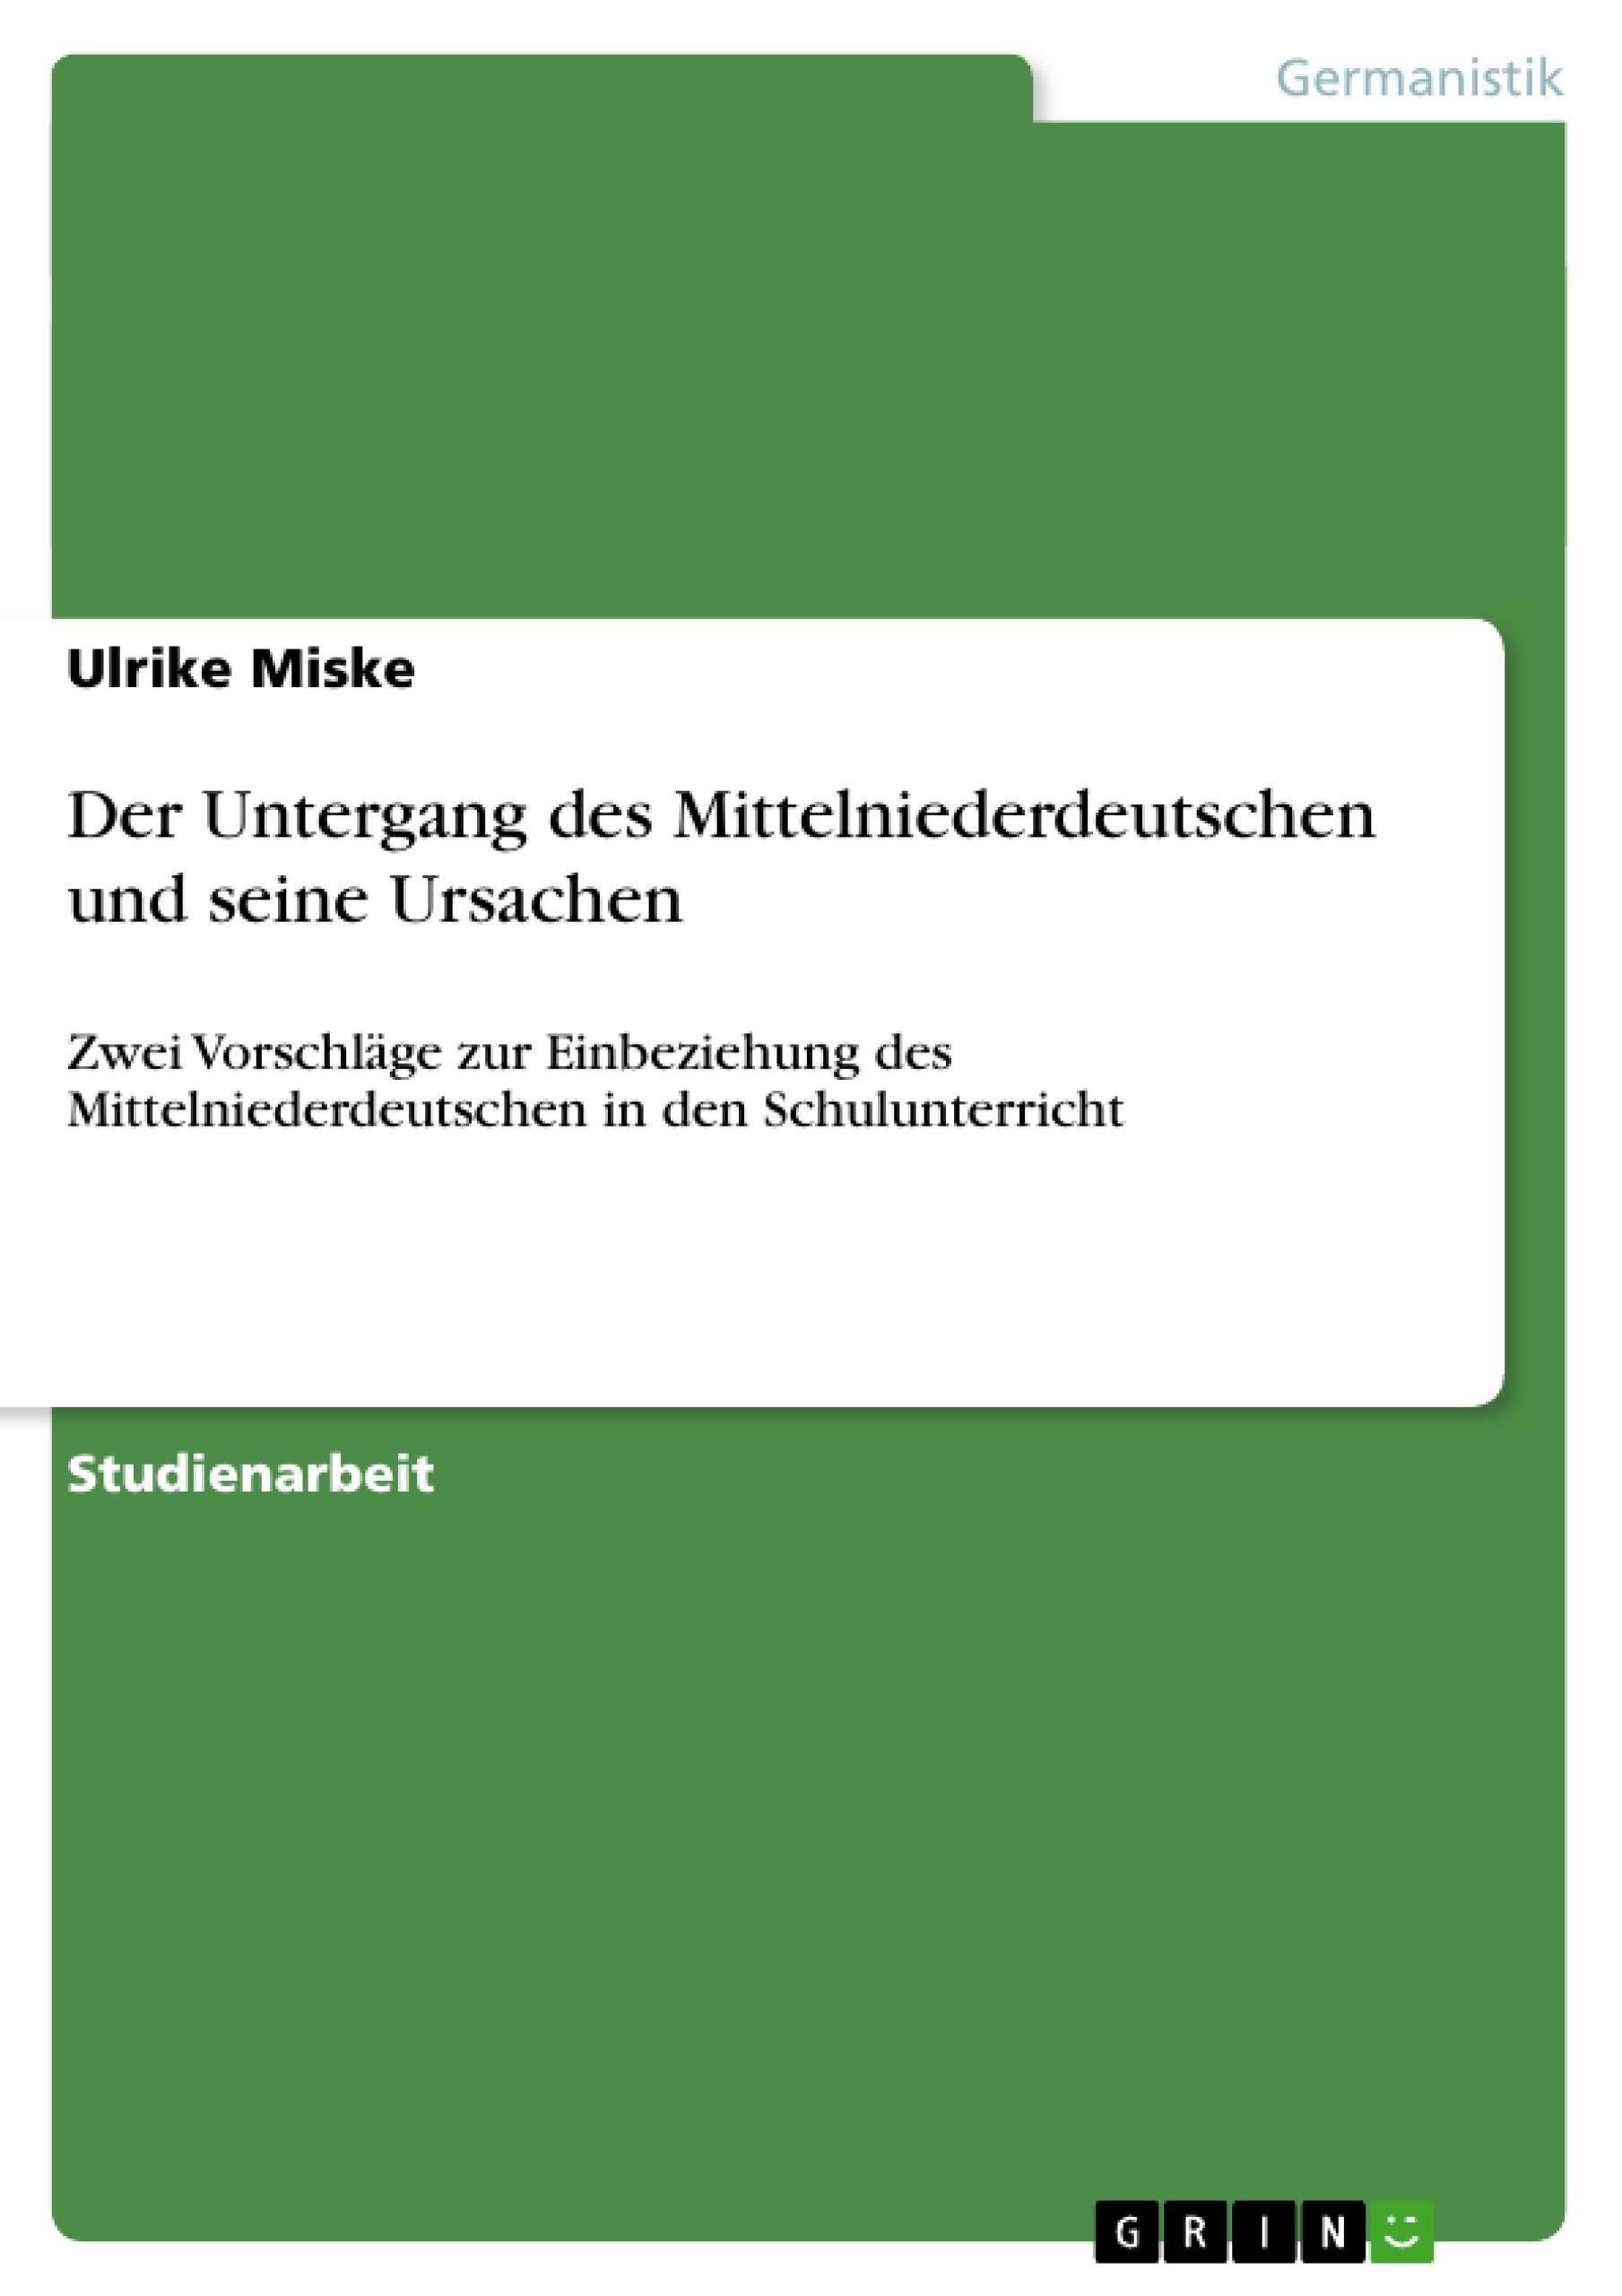 Titel: Der Untergang des Mittelniederdeutschen und seine Ursachen